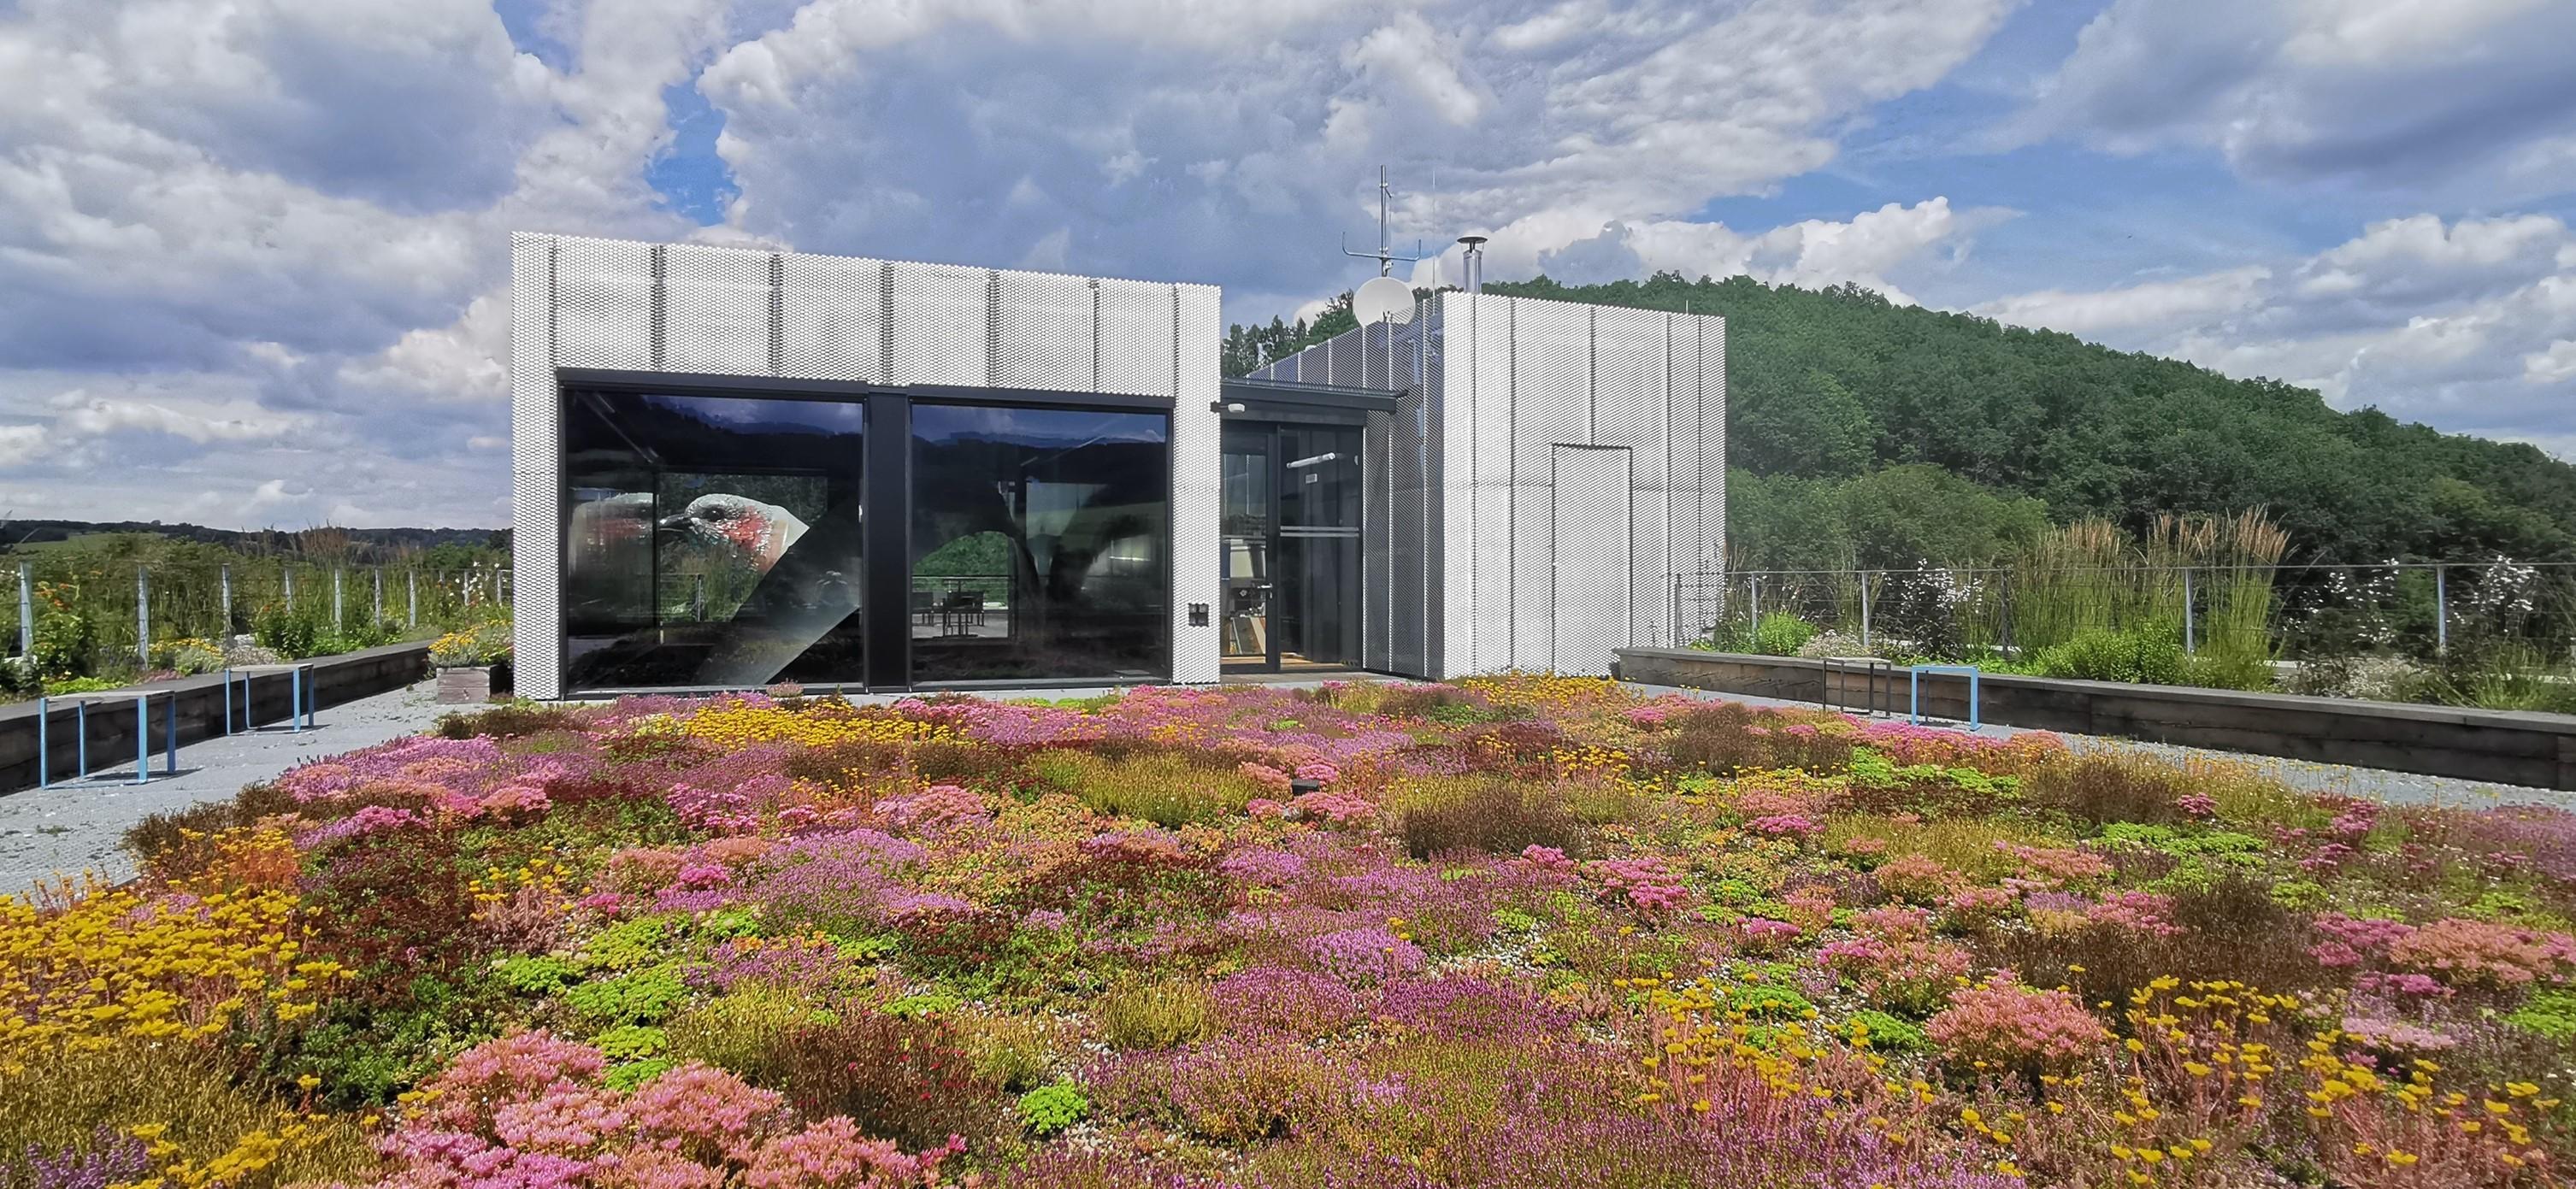 Soutěž Zelená střecha roku 2021